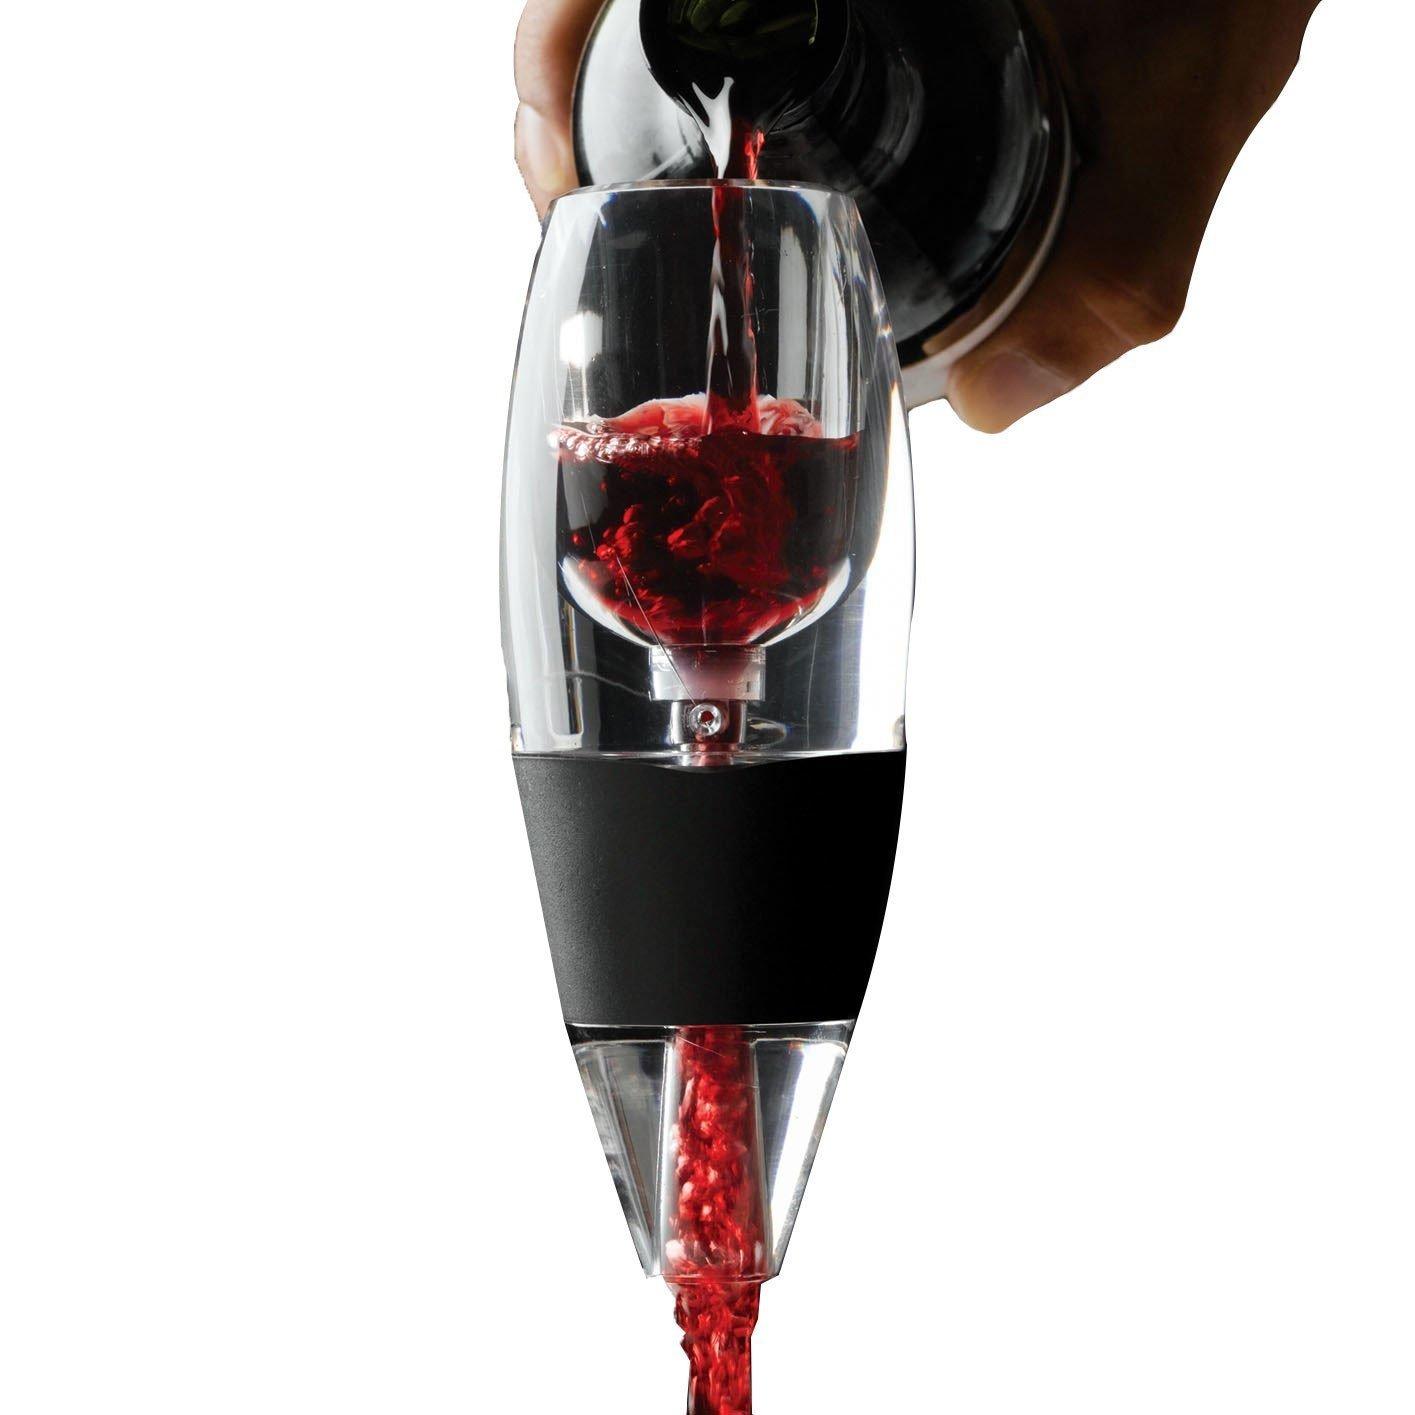 Seakin D/écanteur /à Vin// A/érateur de Vin D/écantation Rapide avec Filtre de Vin Petite Carafes /à d/écanter Rapide